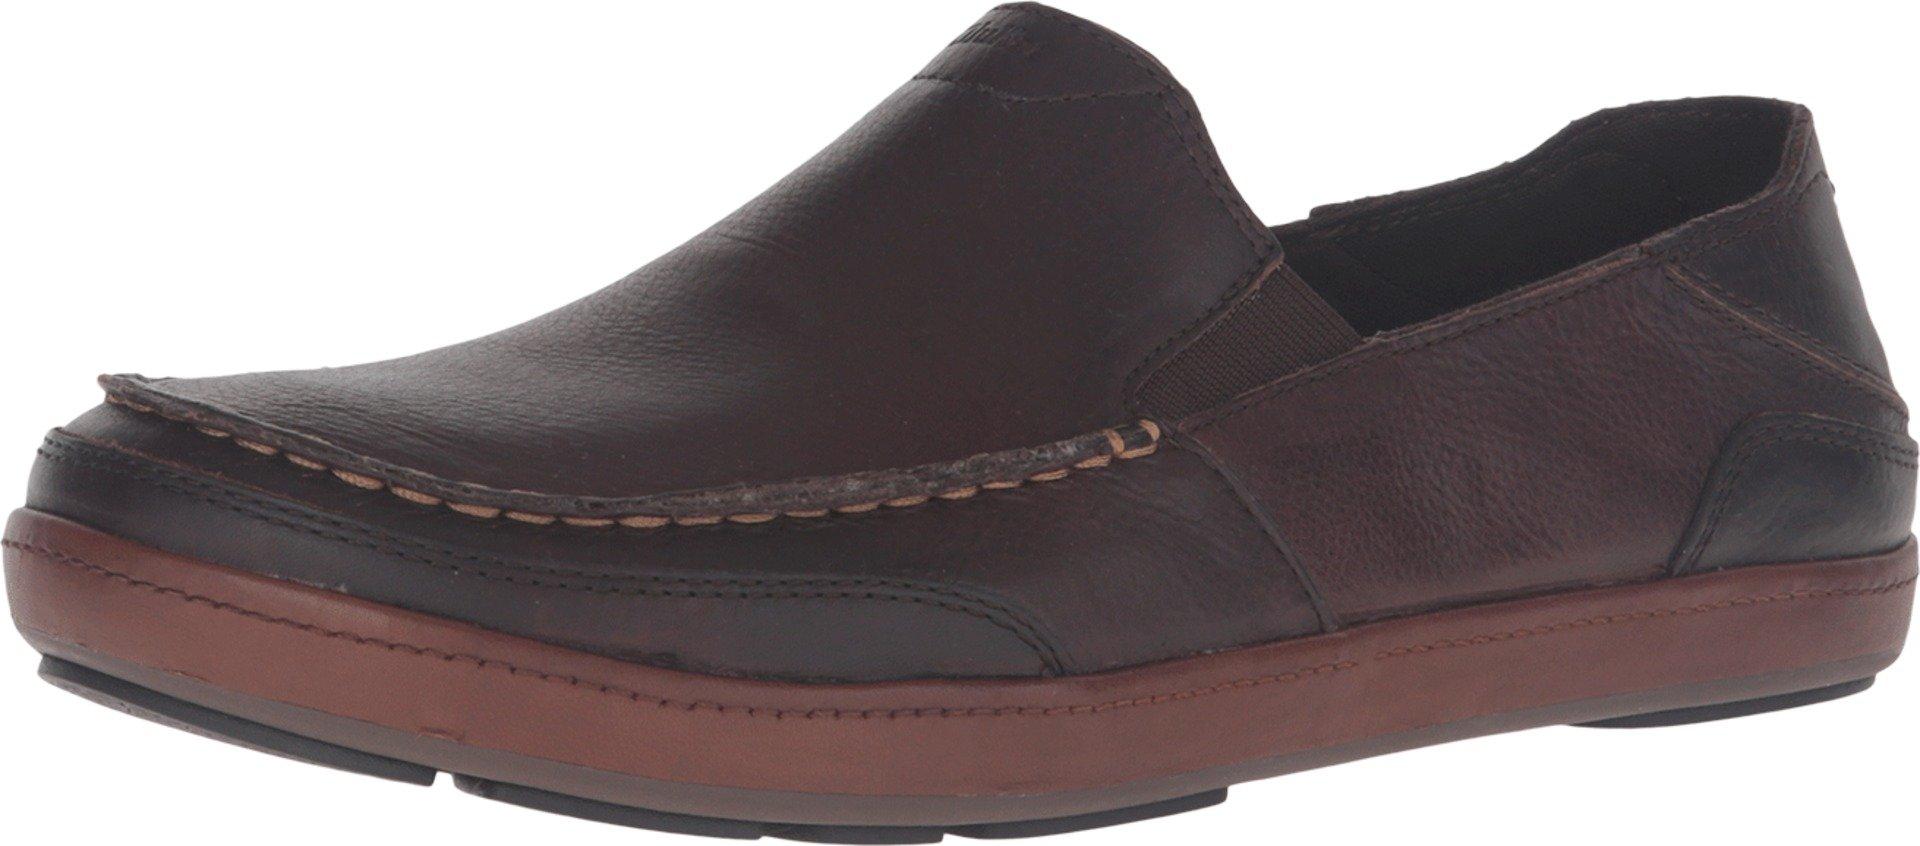 Olukai Puhalu Leather Shoe - Men's Dark Wood / Toffee 11